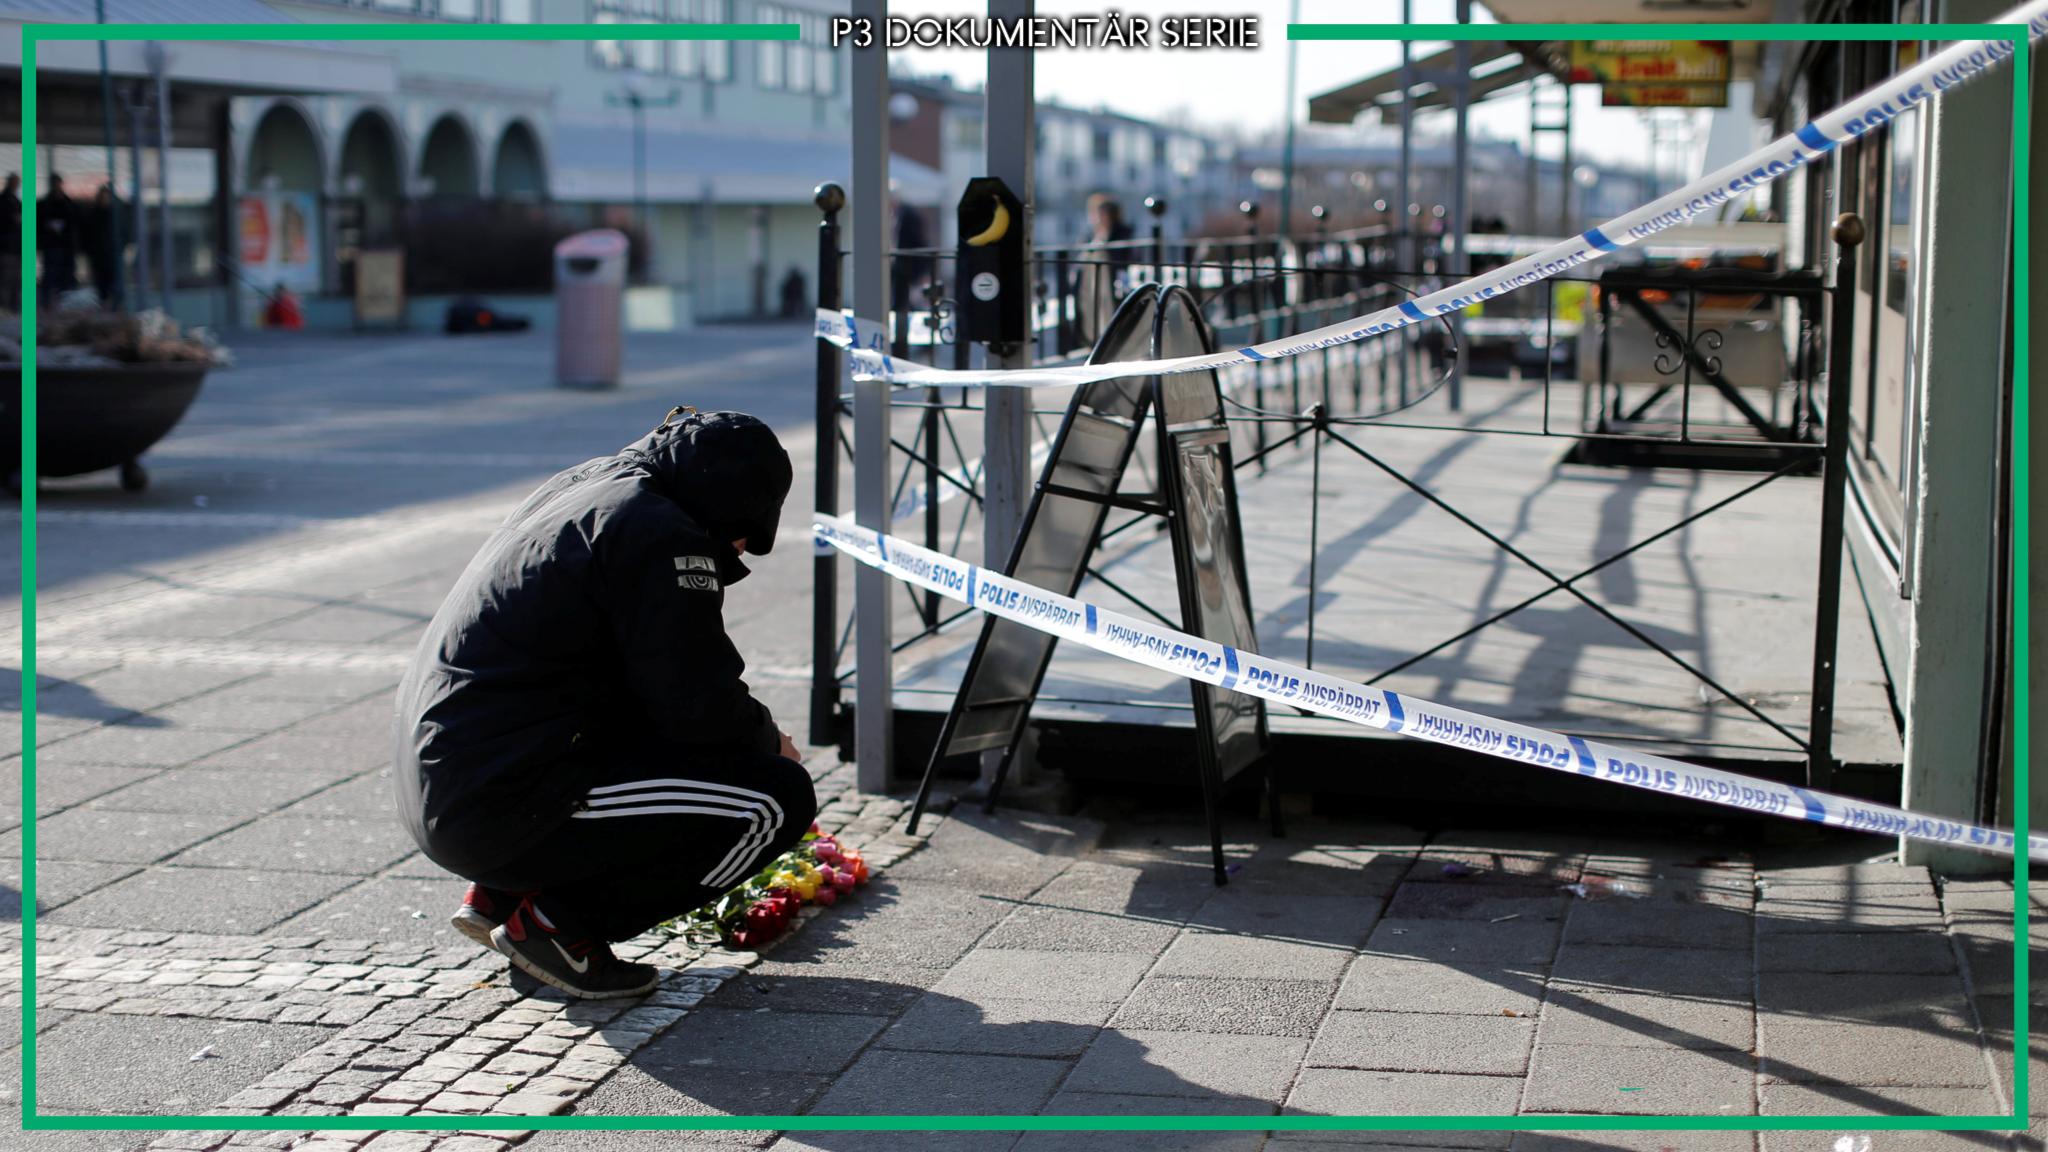 Kille hukar sig vid blommarna utanför avspärrningarna på Vår Krog & Bar